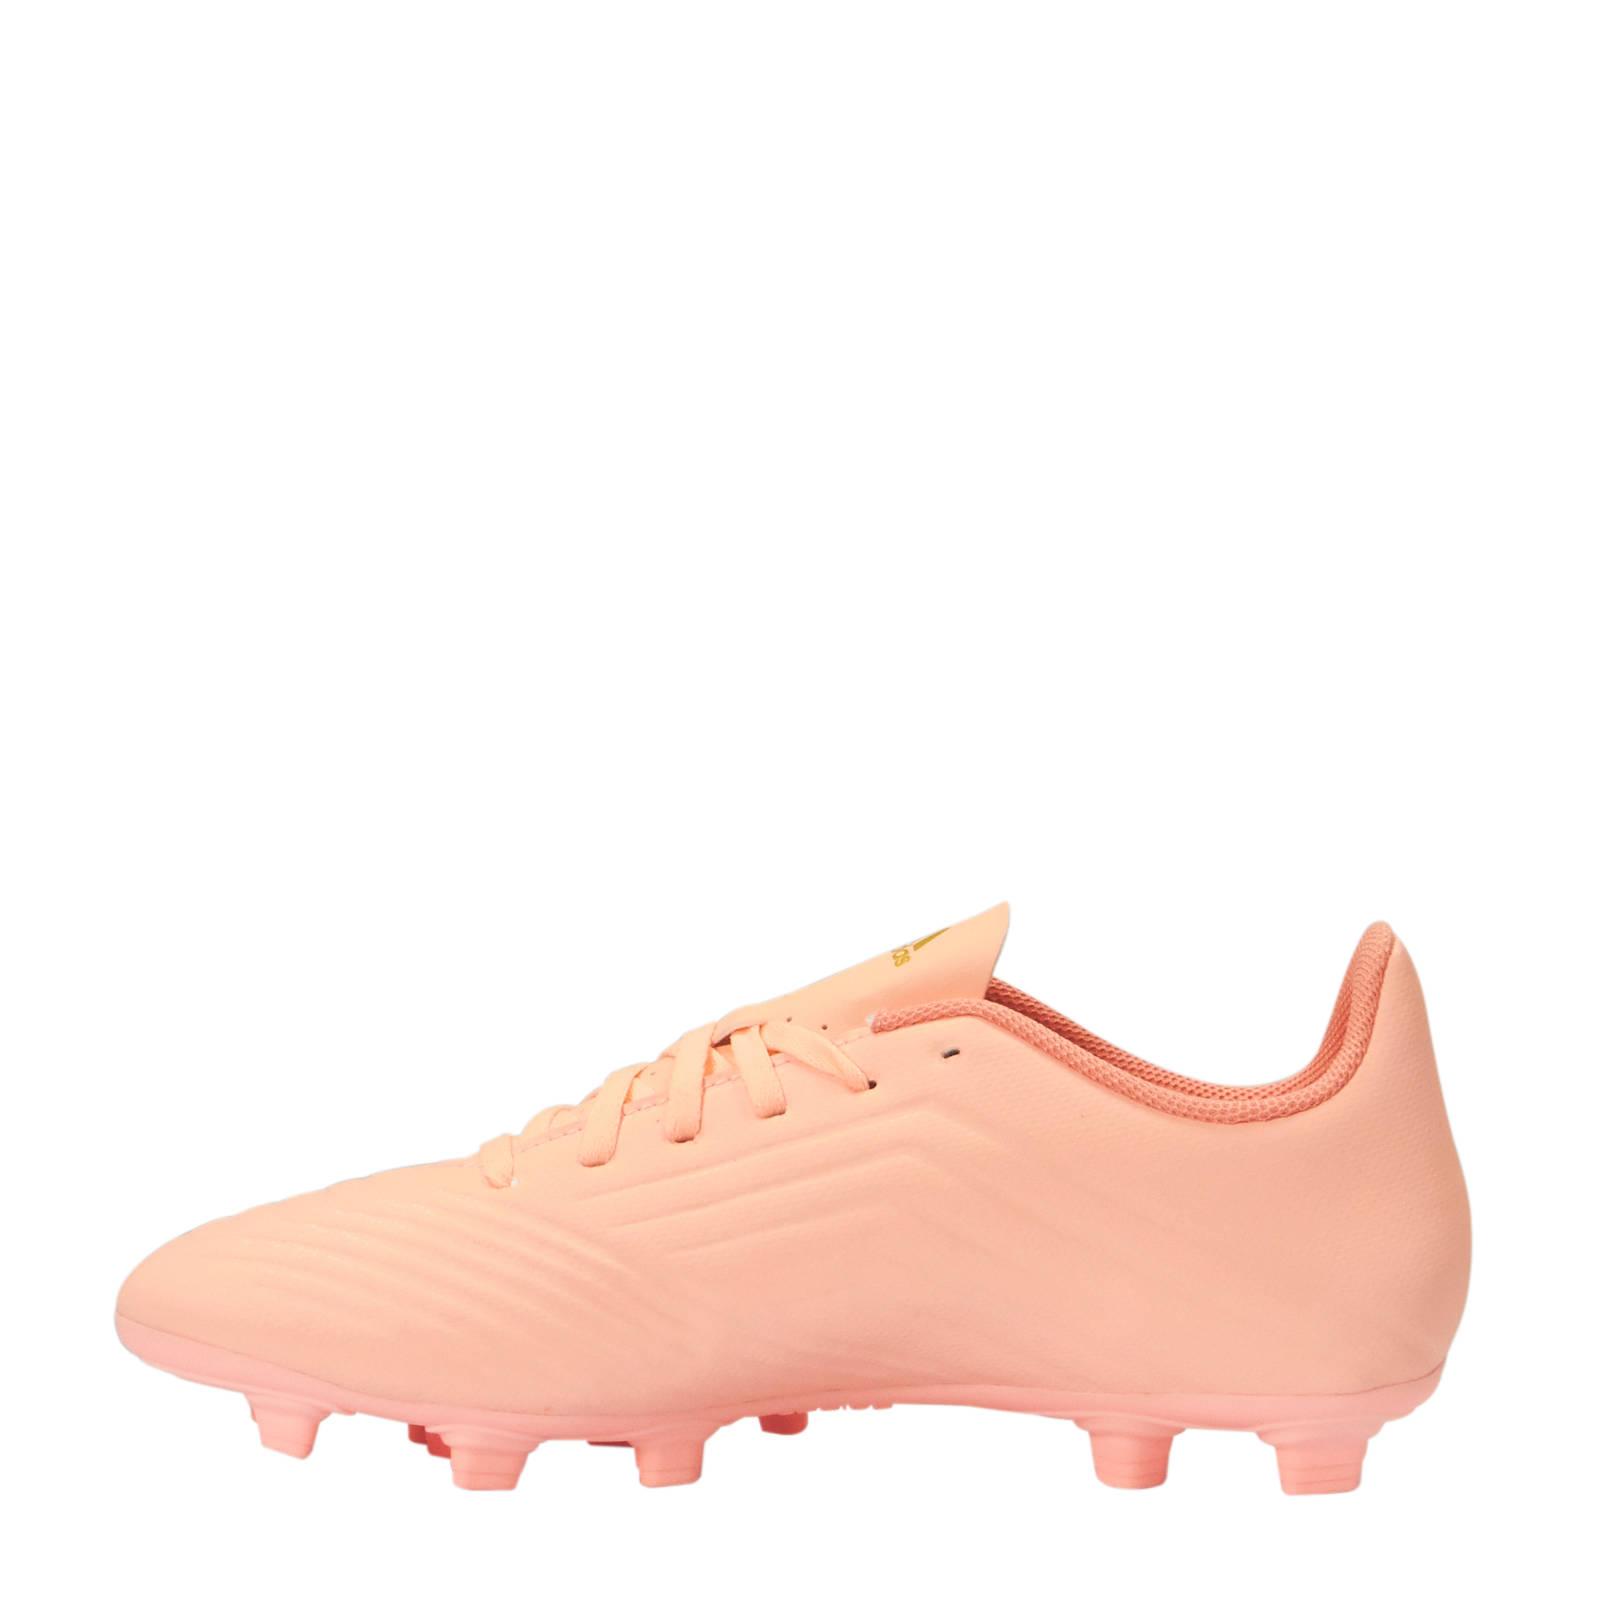 adidas voetbalschoen roze